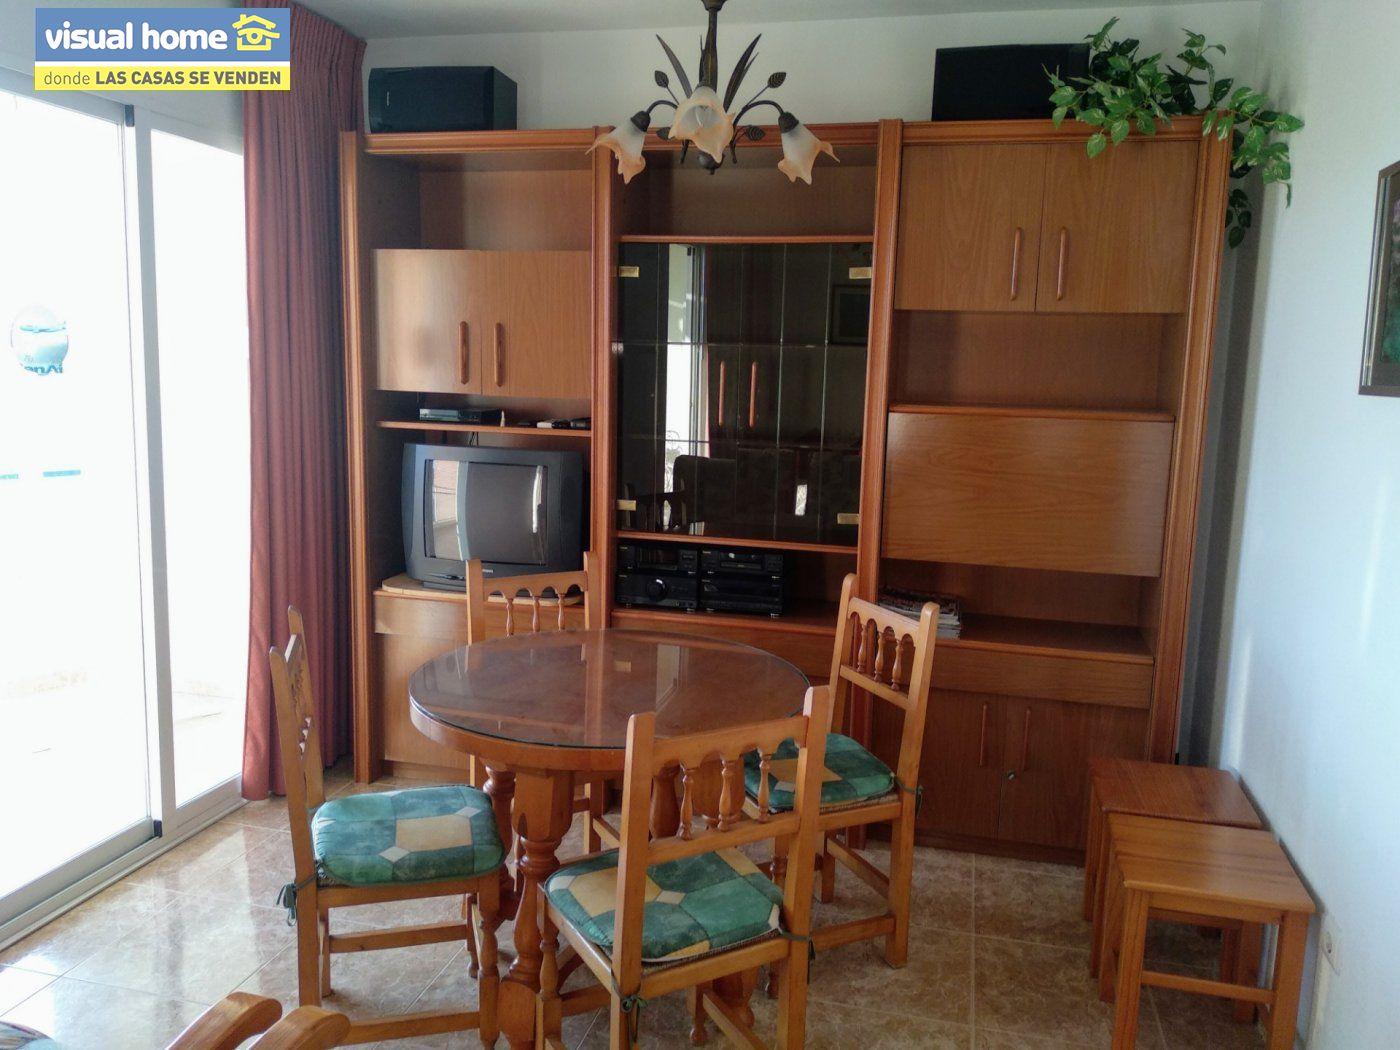 Apartamento 1 dormitorio con vistas espectaculares con parking y piscina en Rincón de Loix llano 2